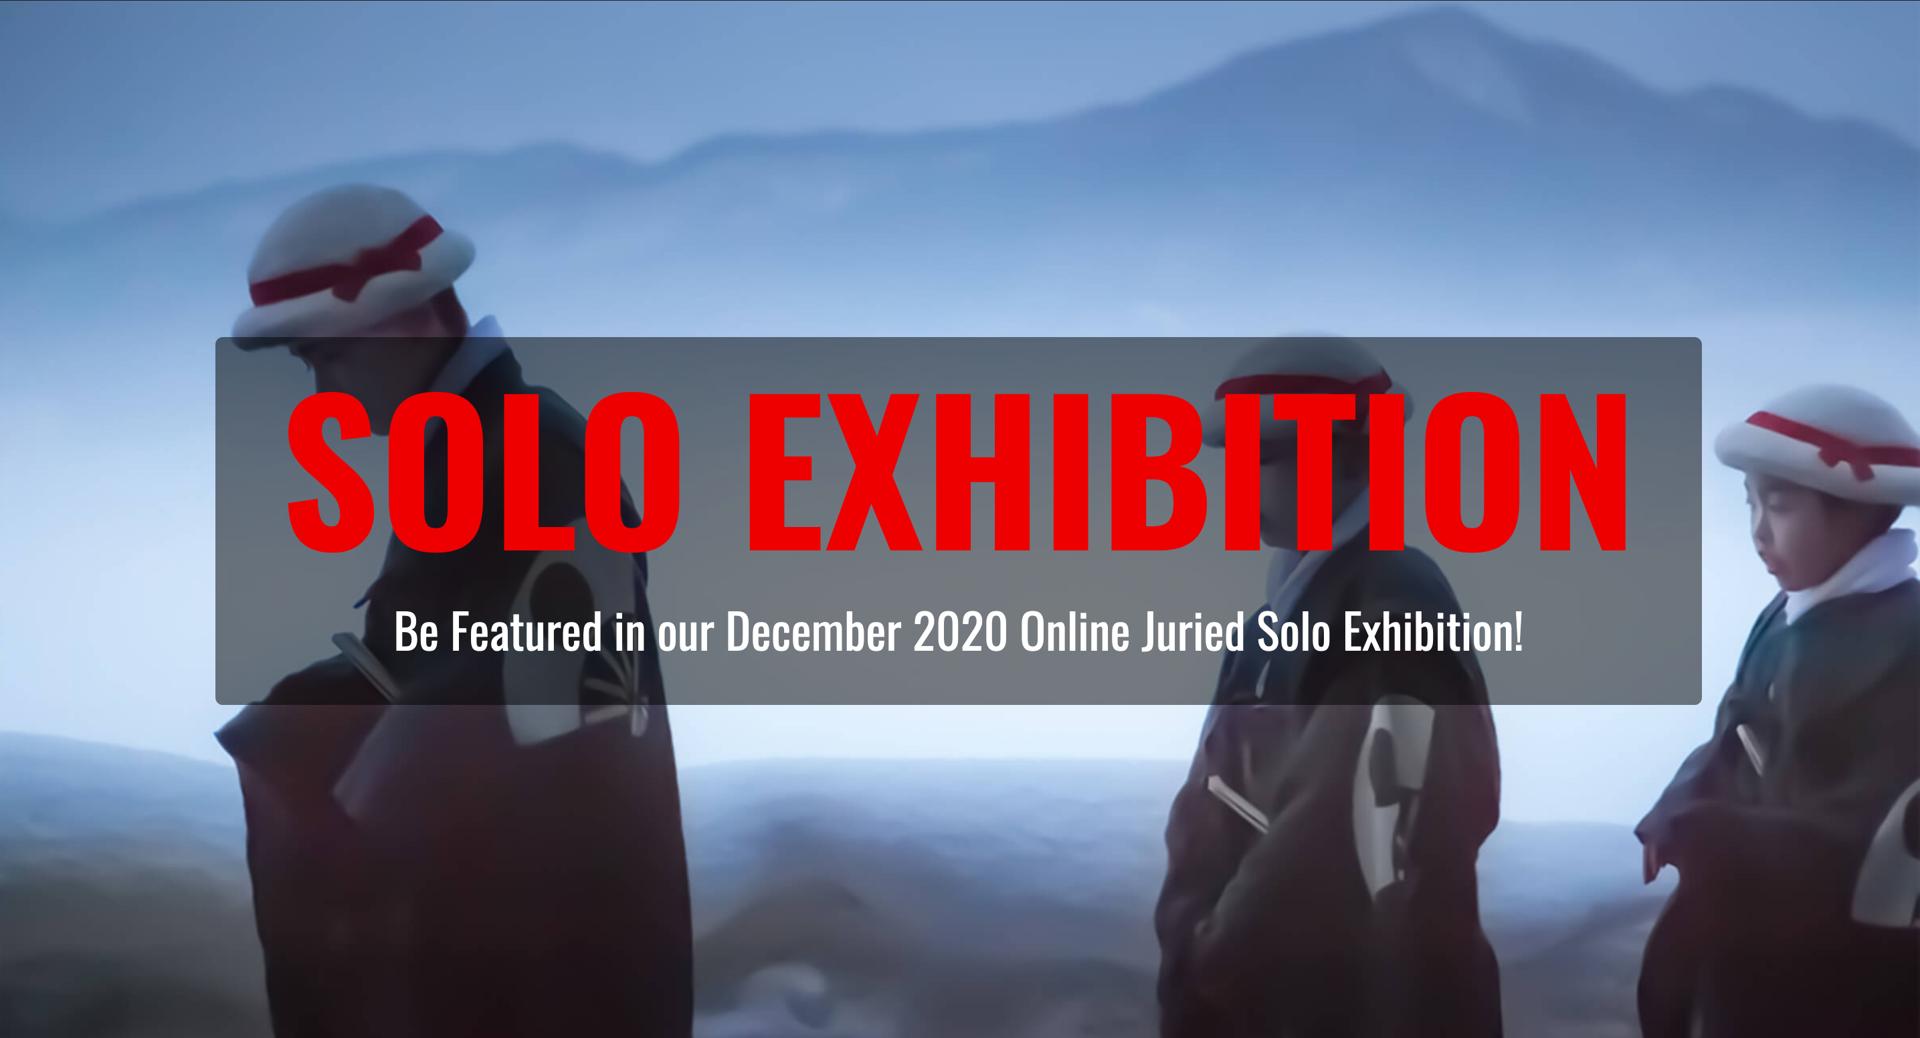 Solo Exhibition December 2020 image